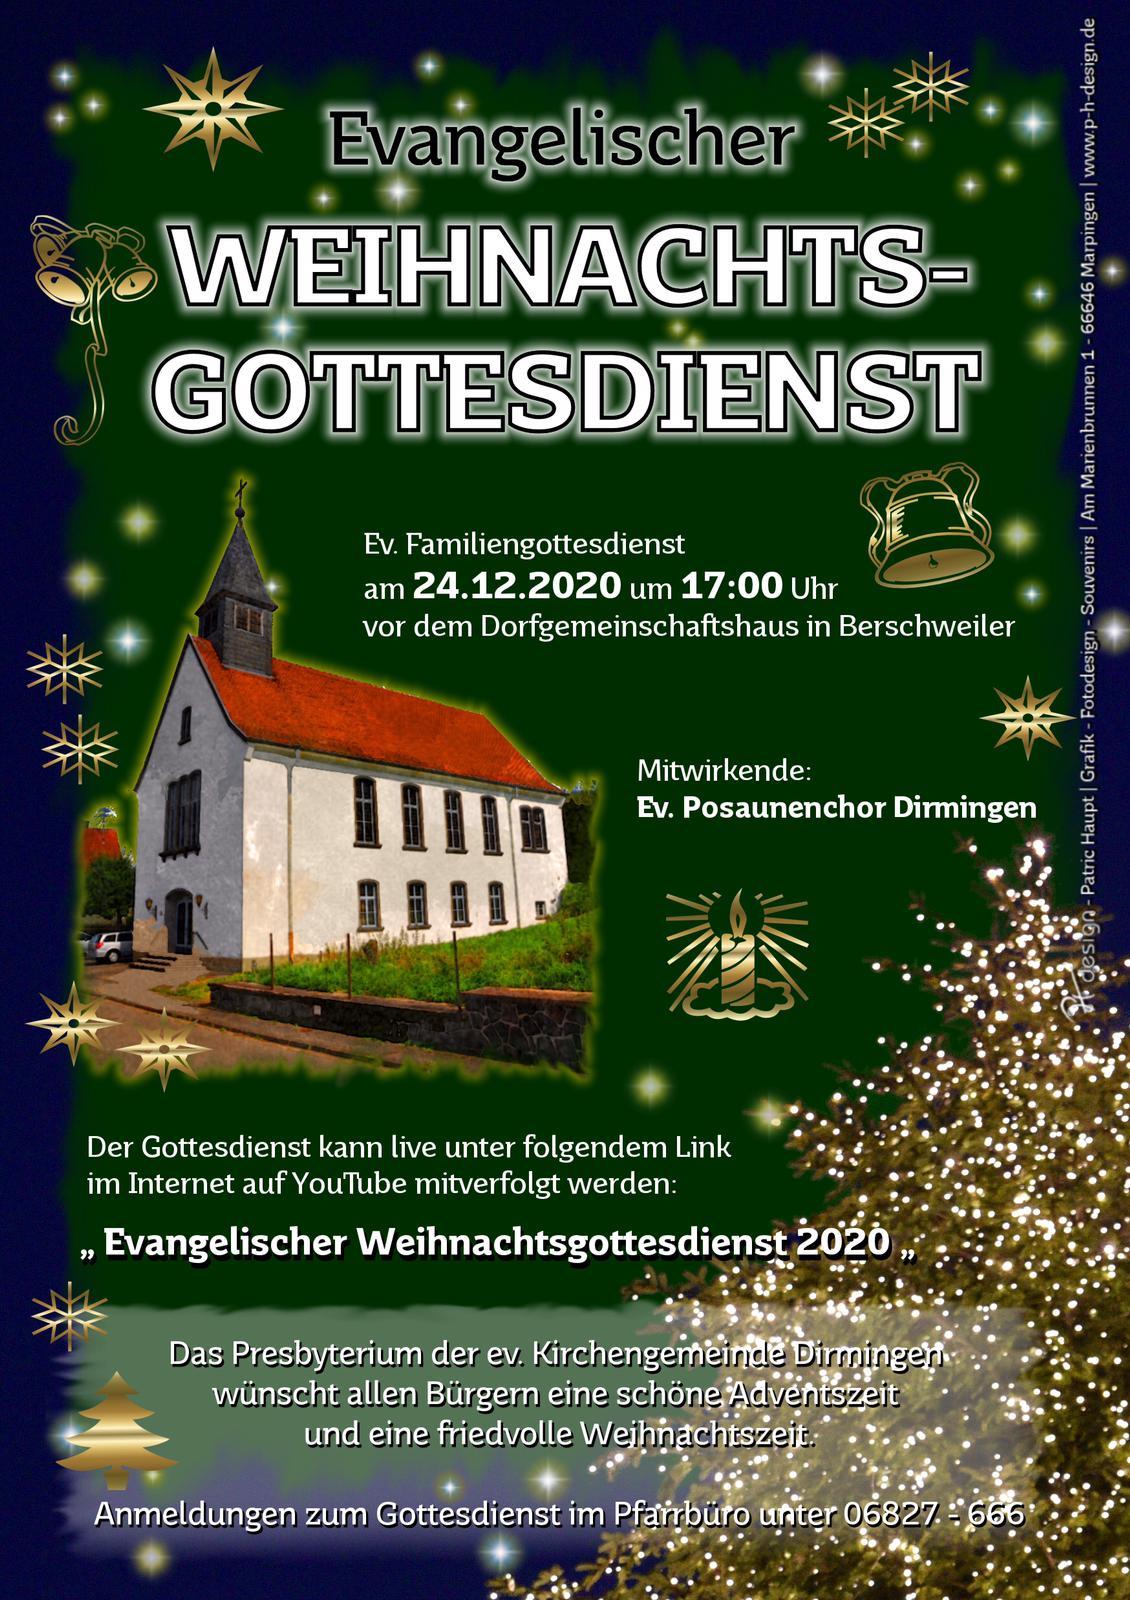 Gemeinsam in der Ökumene feiern - Wir wünschen frohe Weihnachten